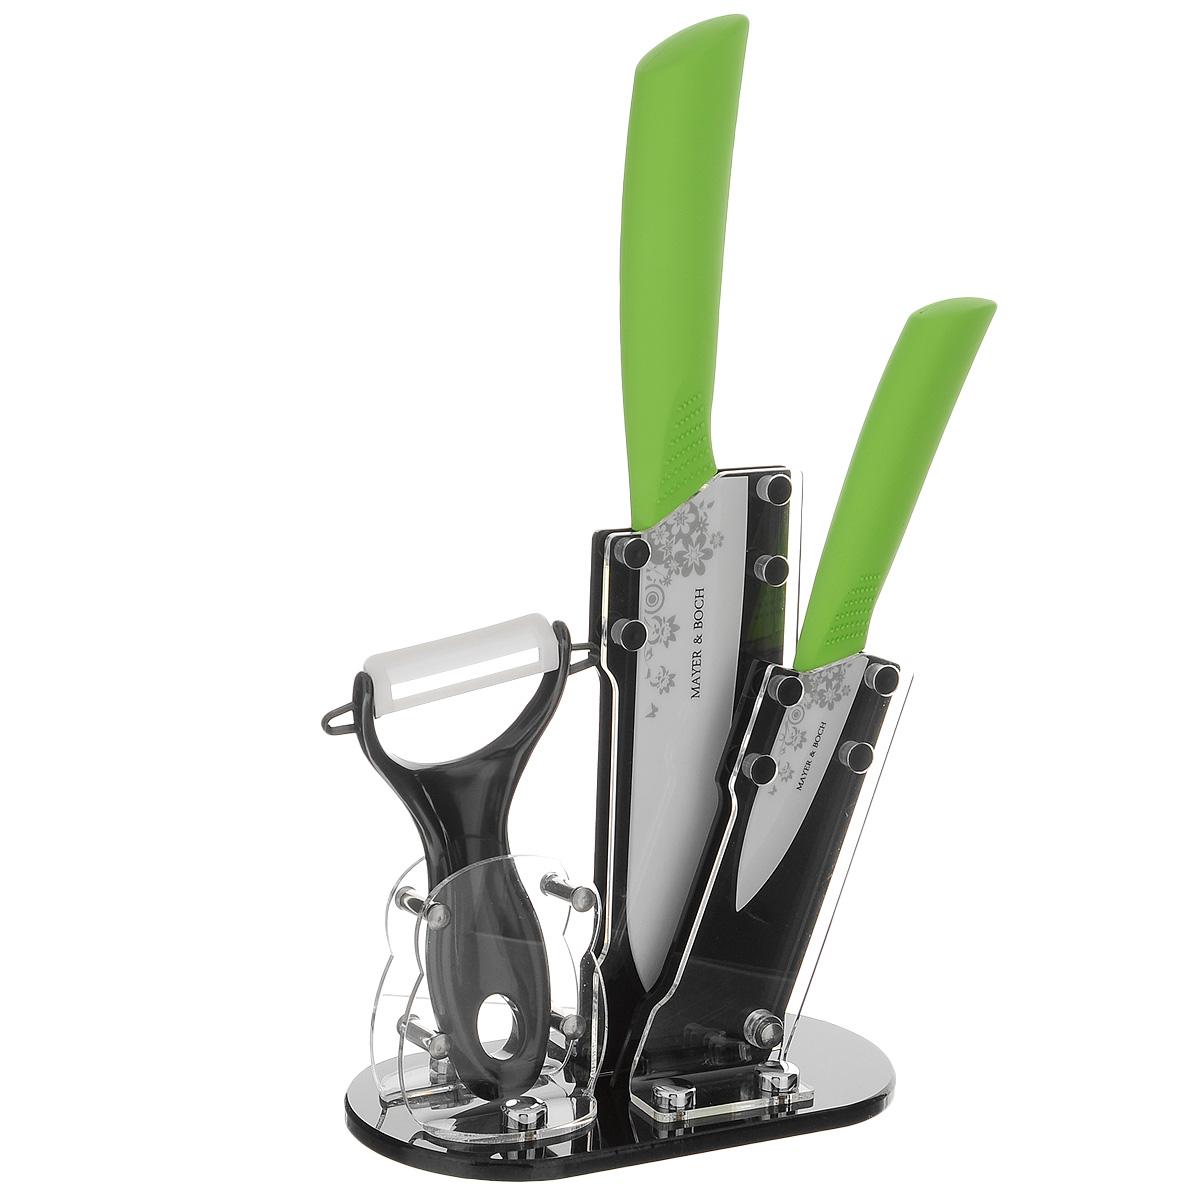 Набор керамических ножей Mayer & Boch, цвет: белый, салатовый, 4 предмета. 2185821858Набор ножей Mayer & Boch состоит из поварского ножа, ножа для чистки, ножа-пиллера и подставки. Лезвияножей выполнены из высококачественной керамики и декорированы цветочныморнаментом. Керамические ножи не подвергаются коррозии и не придают металлического привкуса или запаха, атакже сохраняют свежесть продуктов. Режущая кромка лезвий устойчива к притуплению. Ножи высоко гигиеничныи легки в очистке.Рукоятки эргономичной формы выполнены из ABS-пластика с прорезиненным покрытием. Специальный дизайнрукоятки обеспечивает комфортный и легко контролируемый захват.В комплект входит акриловая подставка.В наборе есть все необходимое для ежедневной нарезки фруктов, овощей и мяса. Ножи не рекомендуется мыть впосудомоечной машине.Длина лезвия поварского ножа: 15 см.Общая длина поварского ножа: 27,5 см.Длина лезвия ножа для чистки: 7,5 см.Общая длина ножа для чистки: 18 см.Длина лезвия ножа-пиллера: 4,2 см.Длина ножа-пиллера: 13 см.Размер подставки (ДхШхВ): 15,5 см х 8,5см х 18 см.